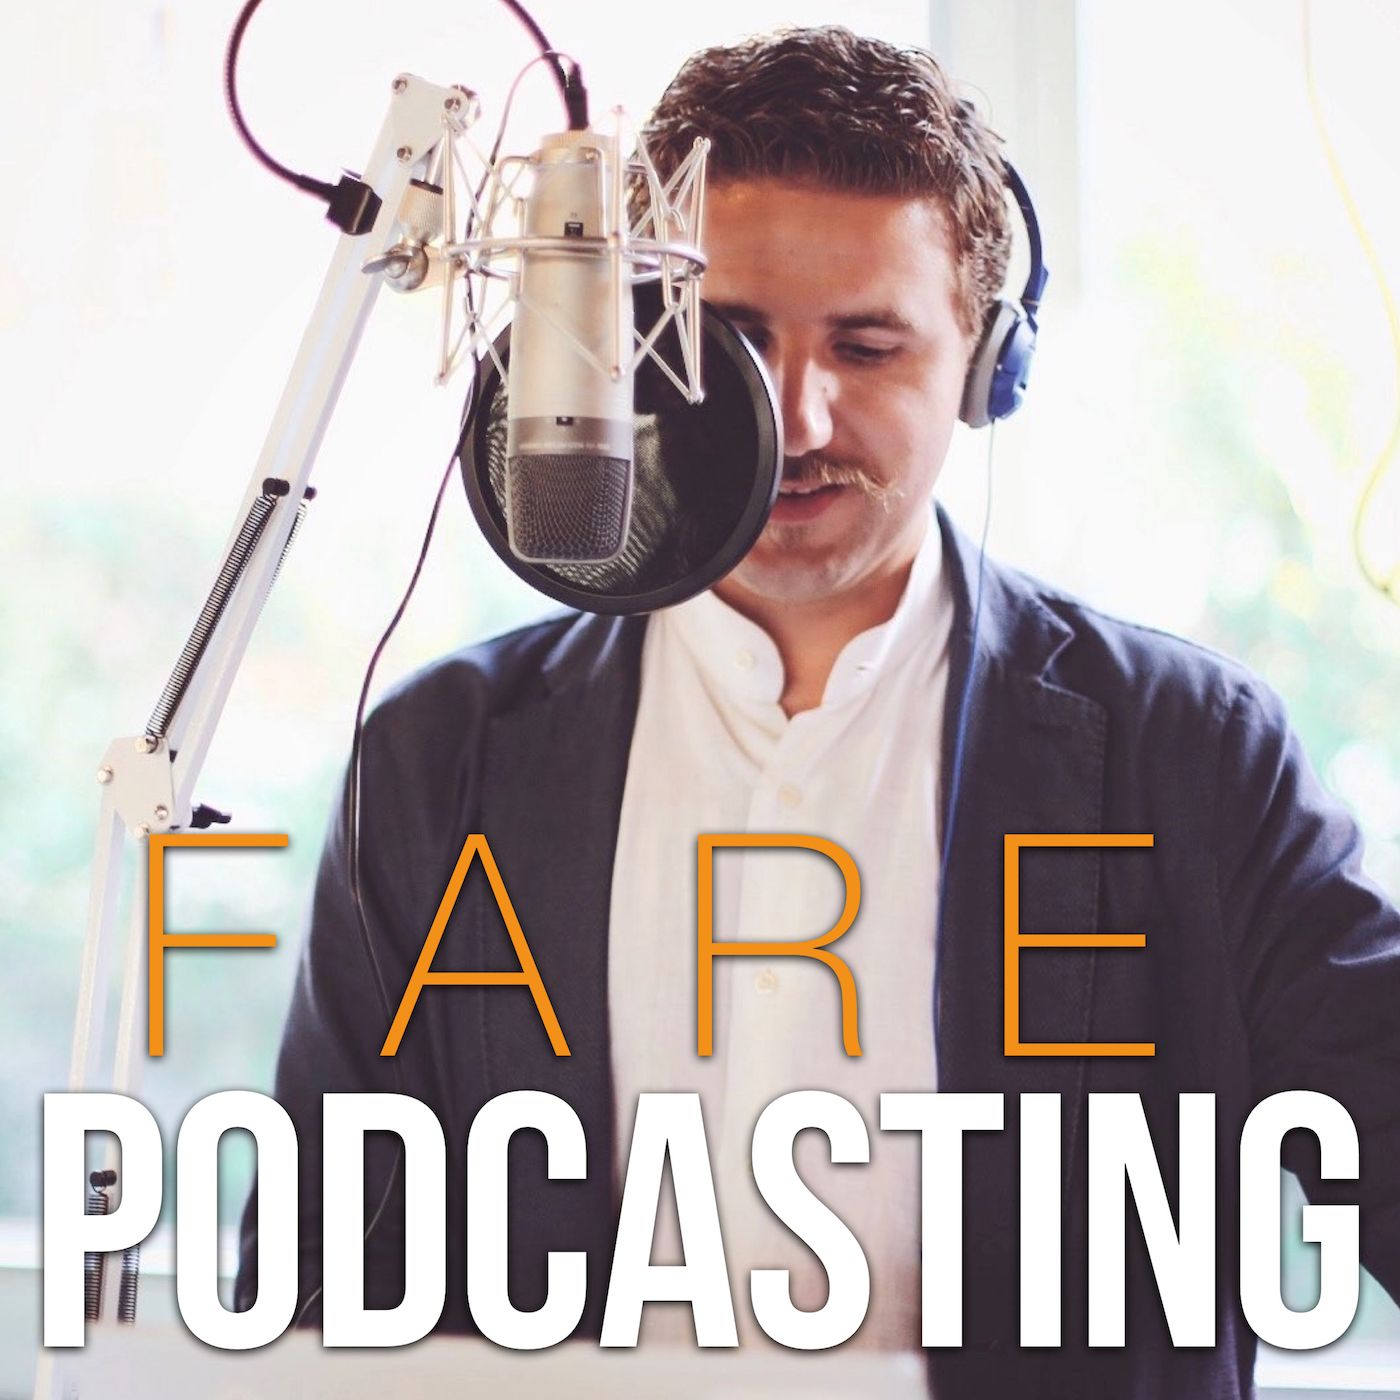 Costruire la community con il podcast, costruire il podcast con la community - Marvi Santamaria